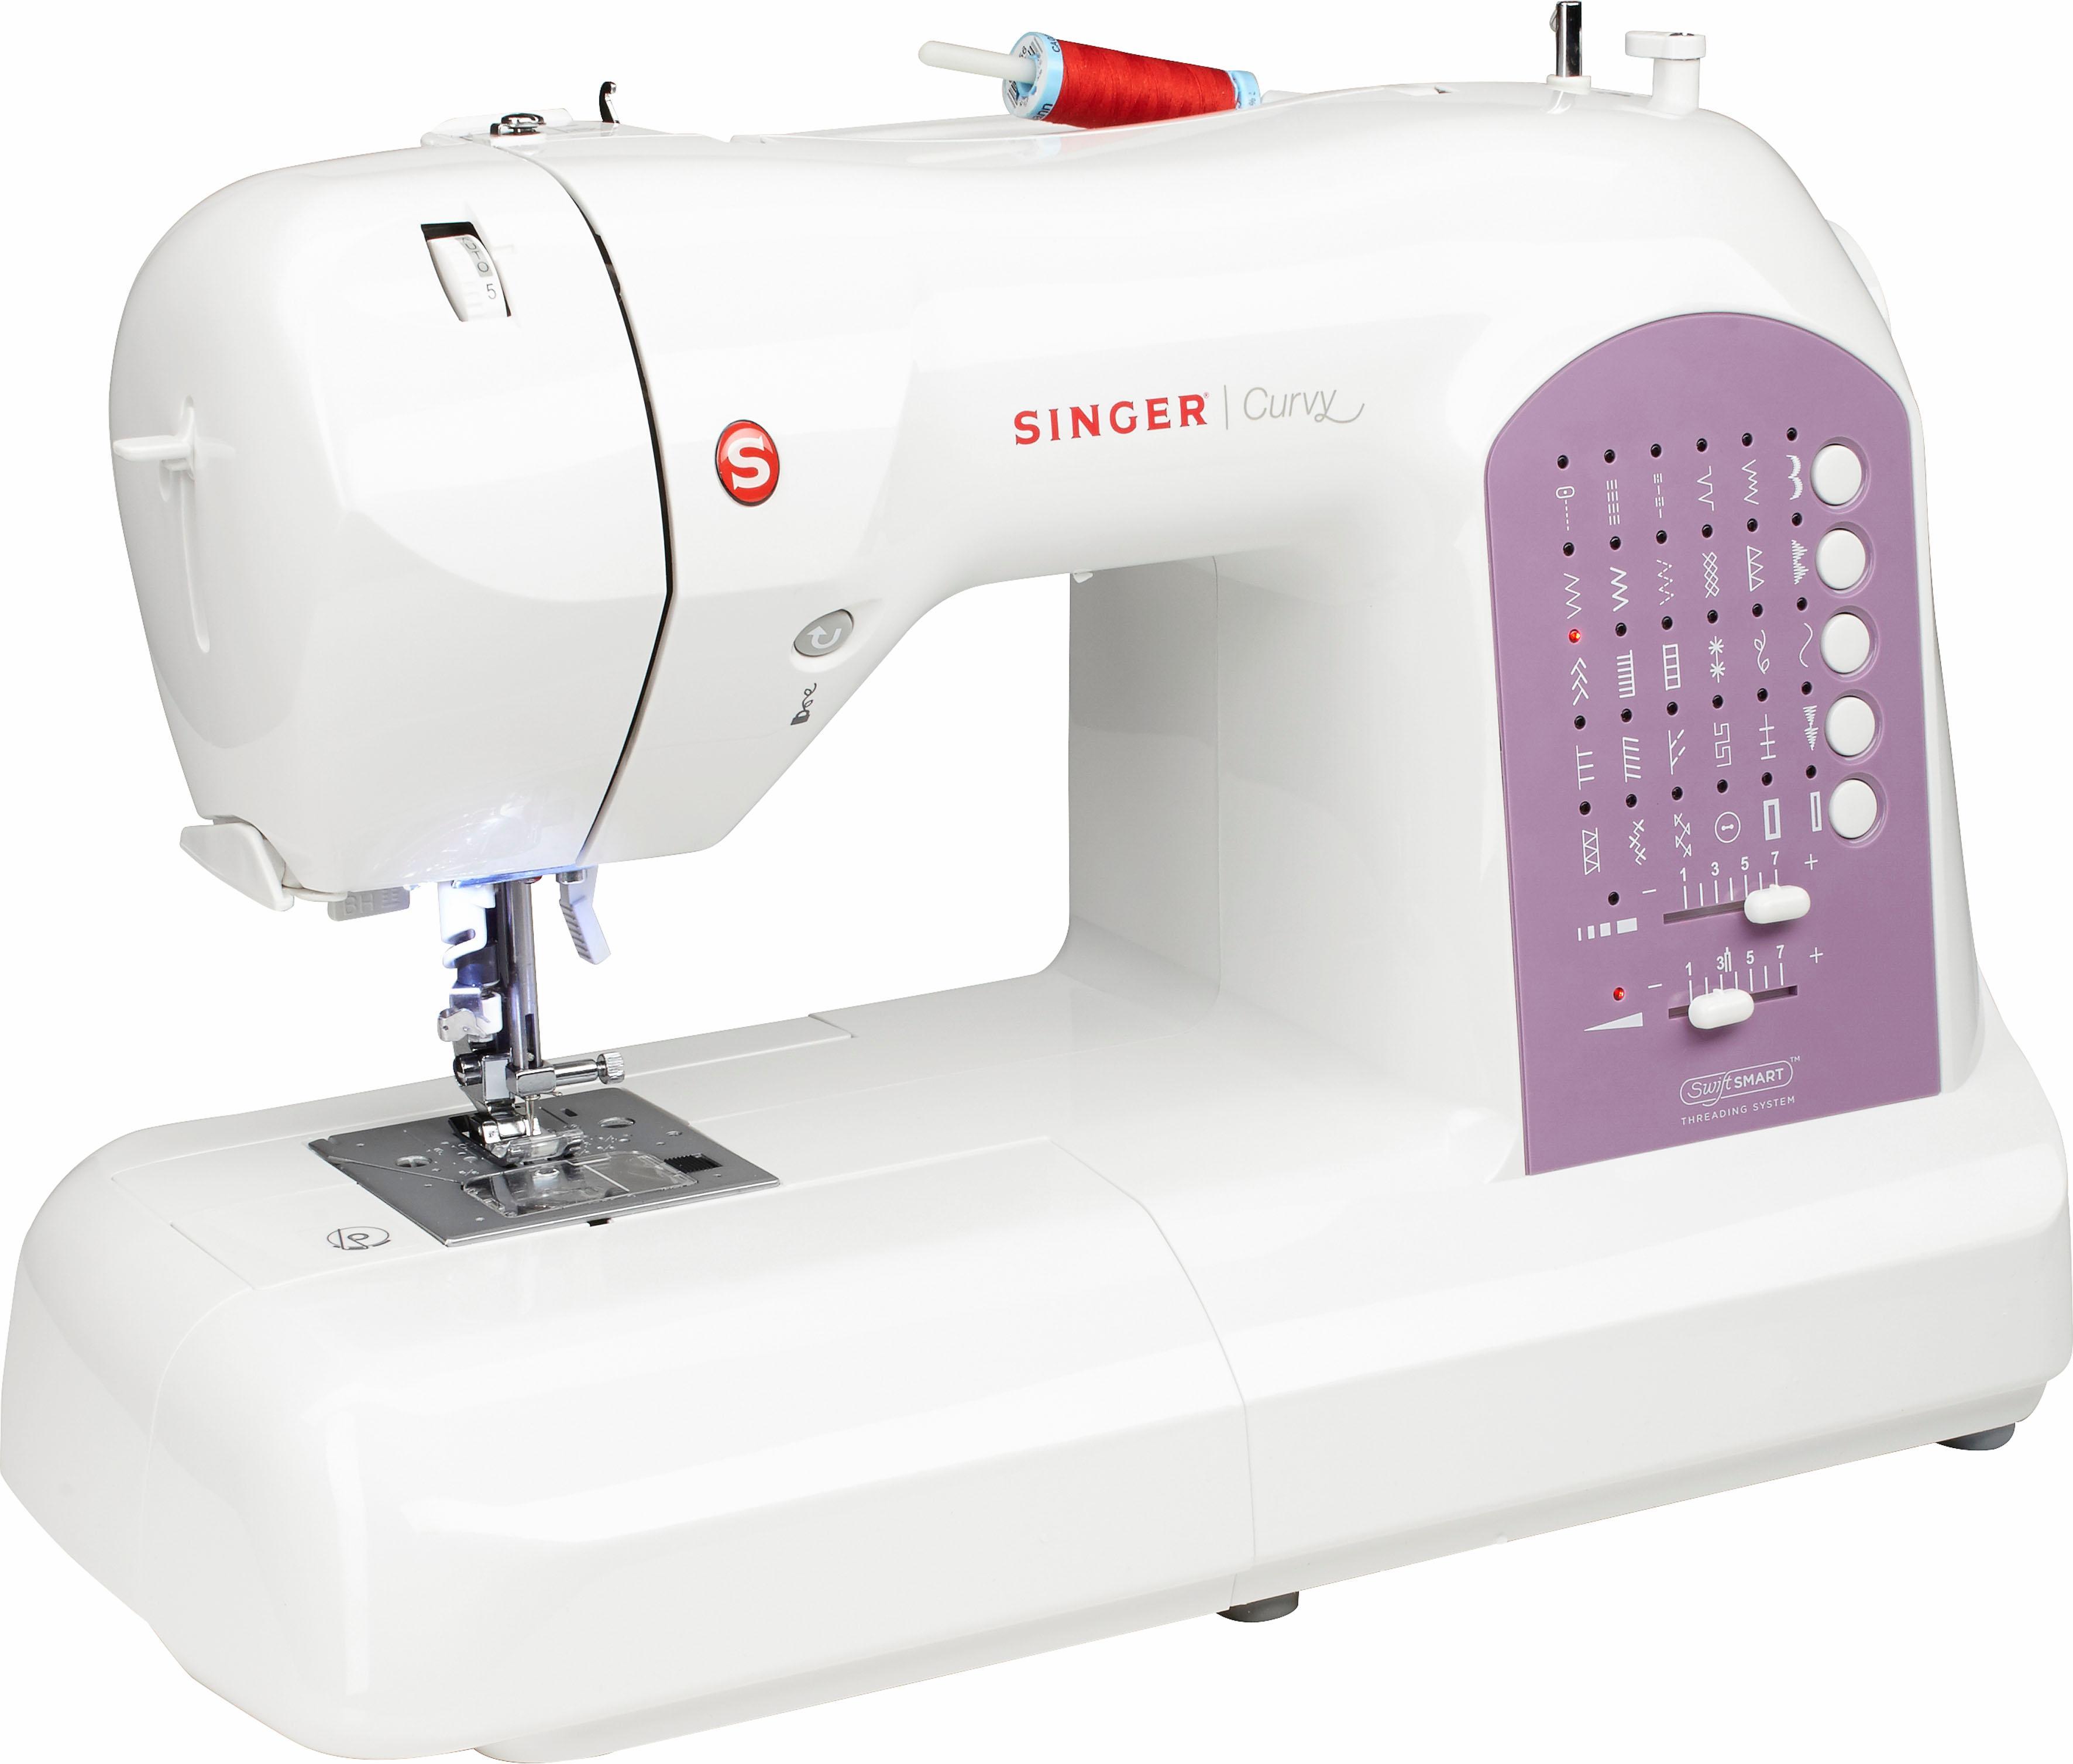 Singer Computer-Nähmaschine Curvy™ 8763 | Flur & Diele > Haushaltsgeräte > Strick und Nähmaschinen | Weiß | SINGER